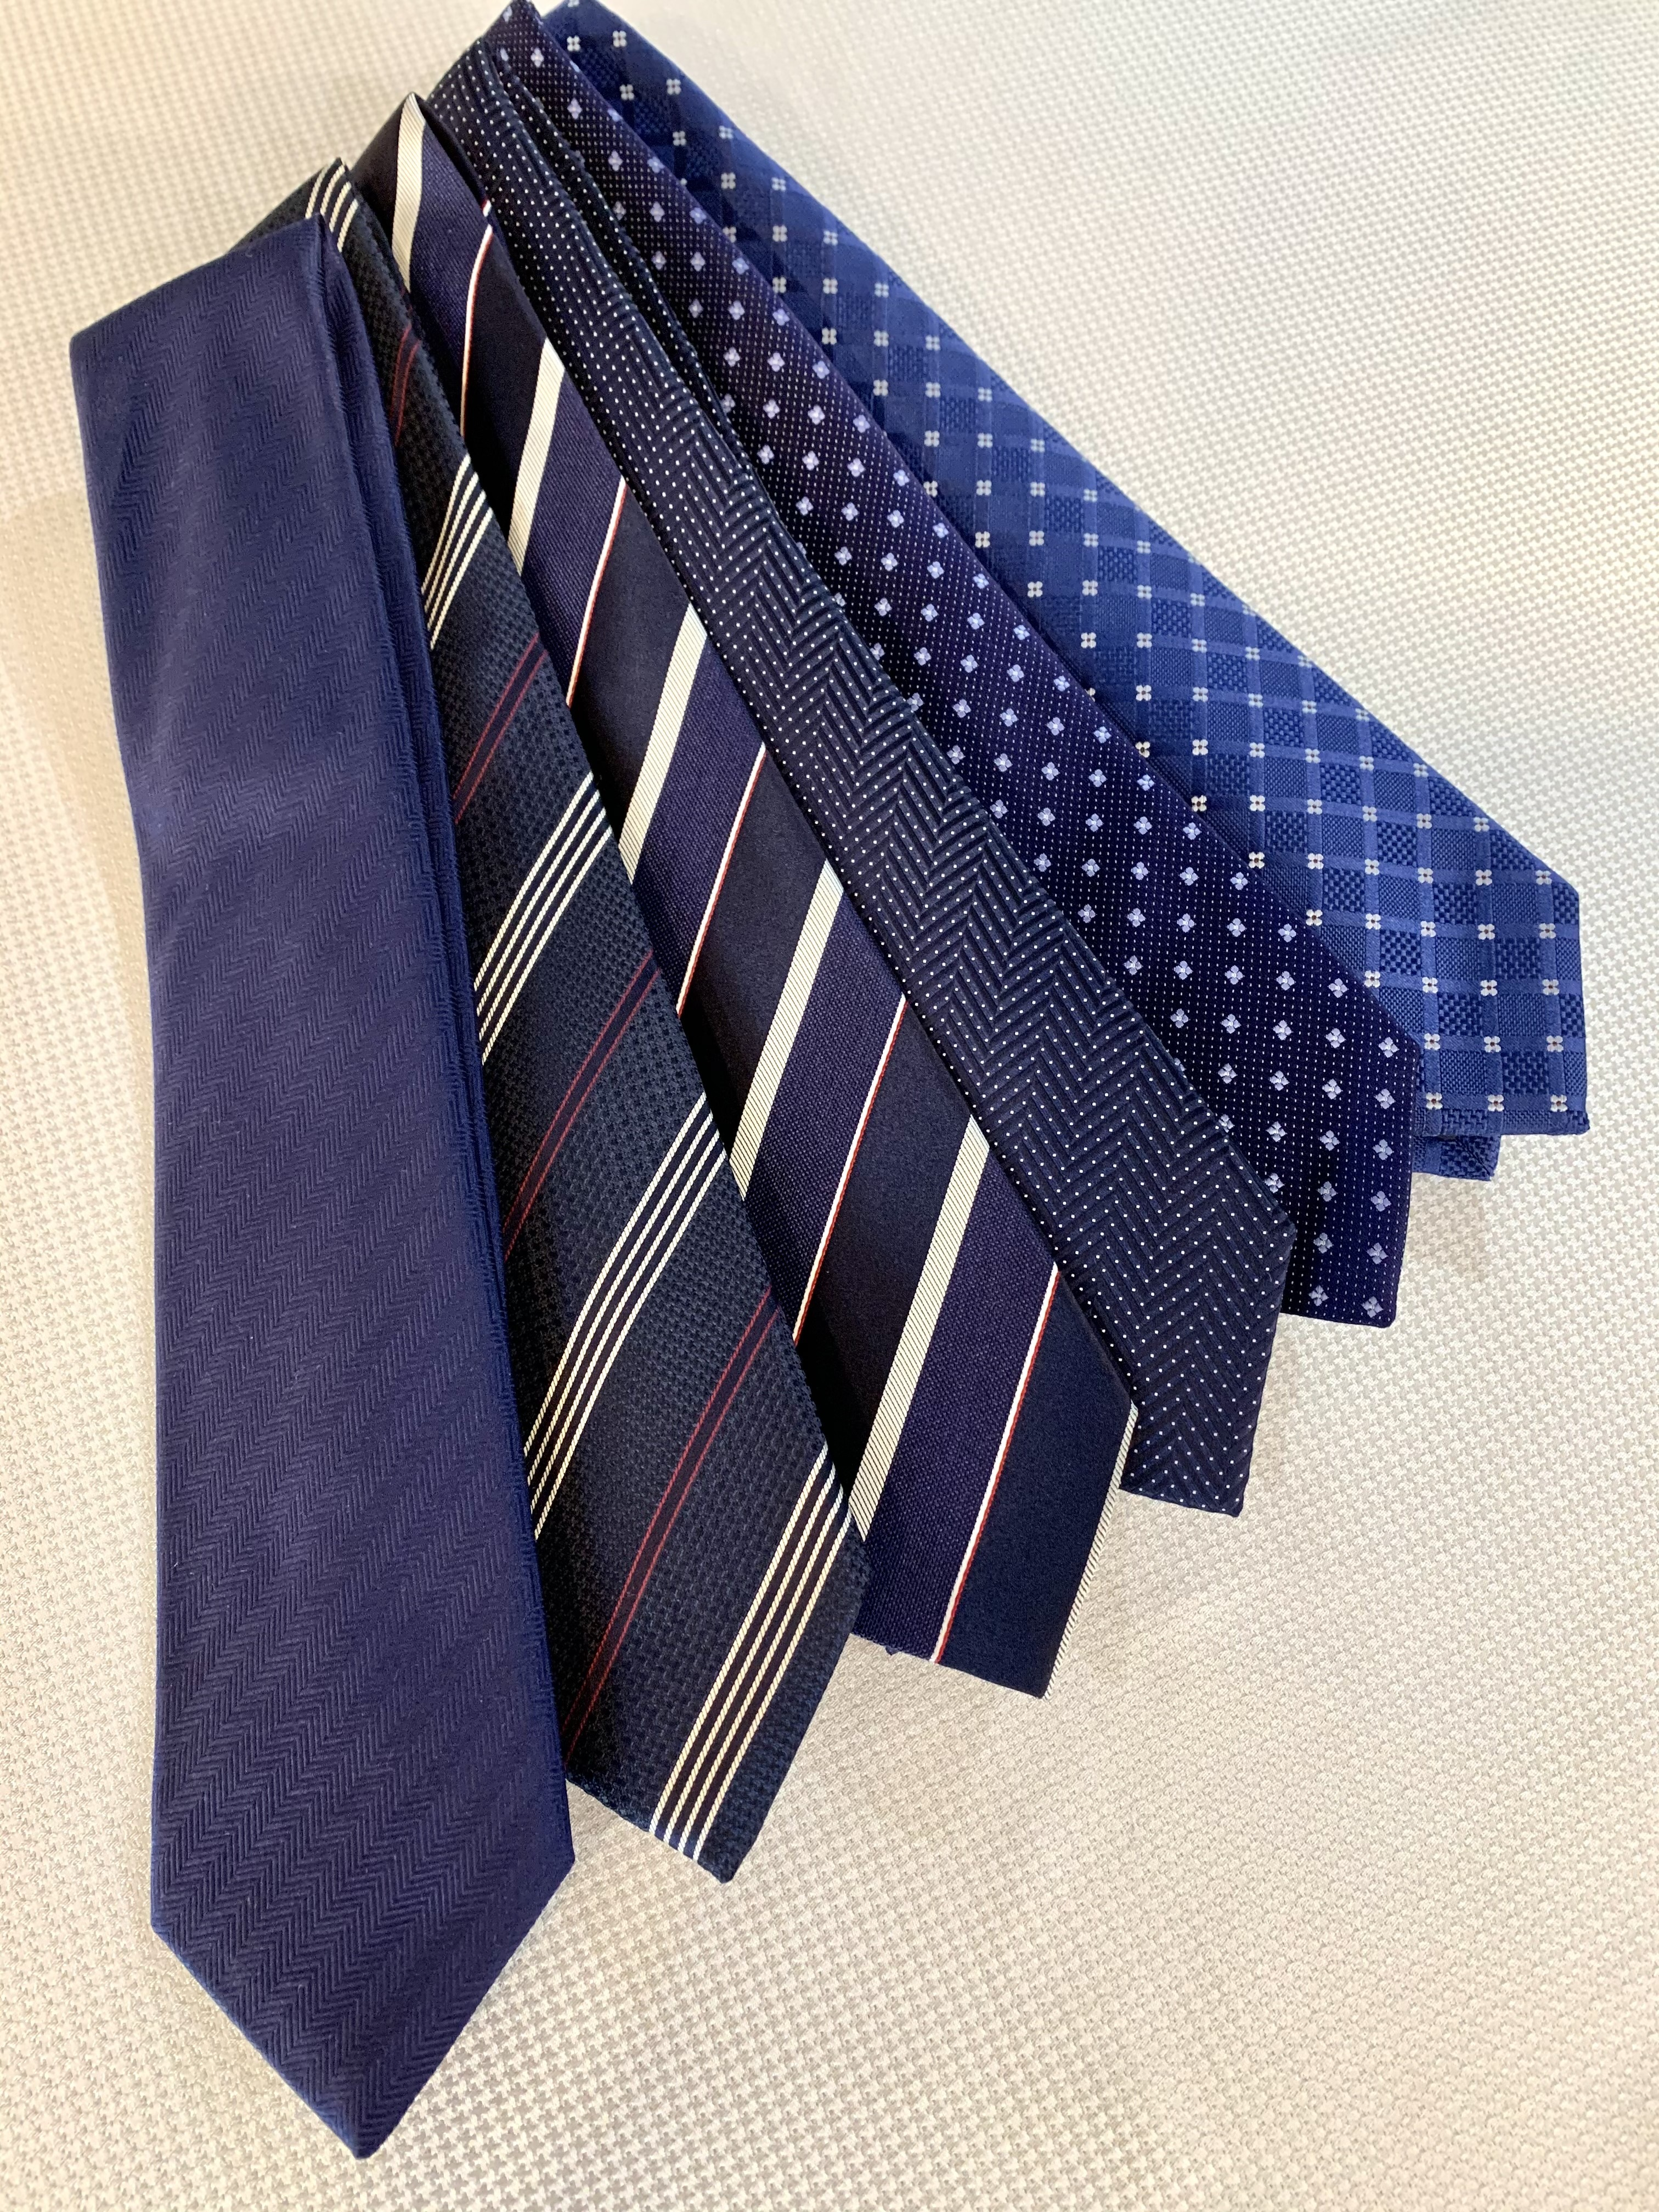 ネクタイ柄別!特徴とおすすめポイント